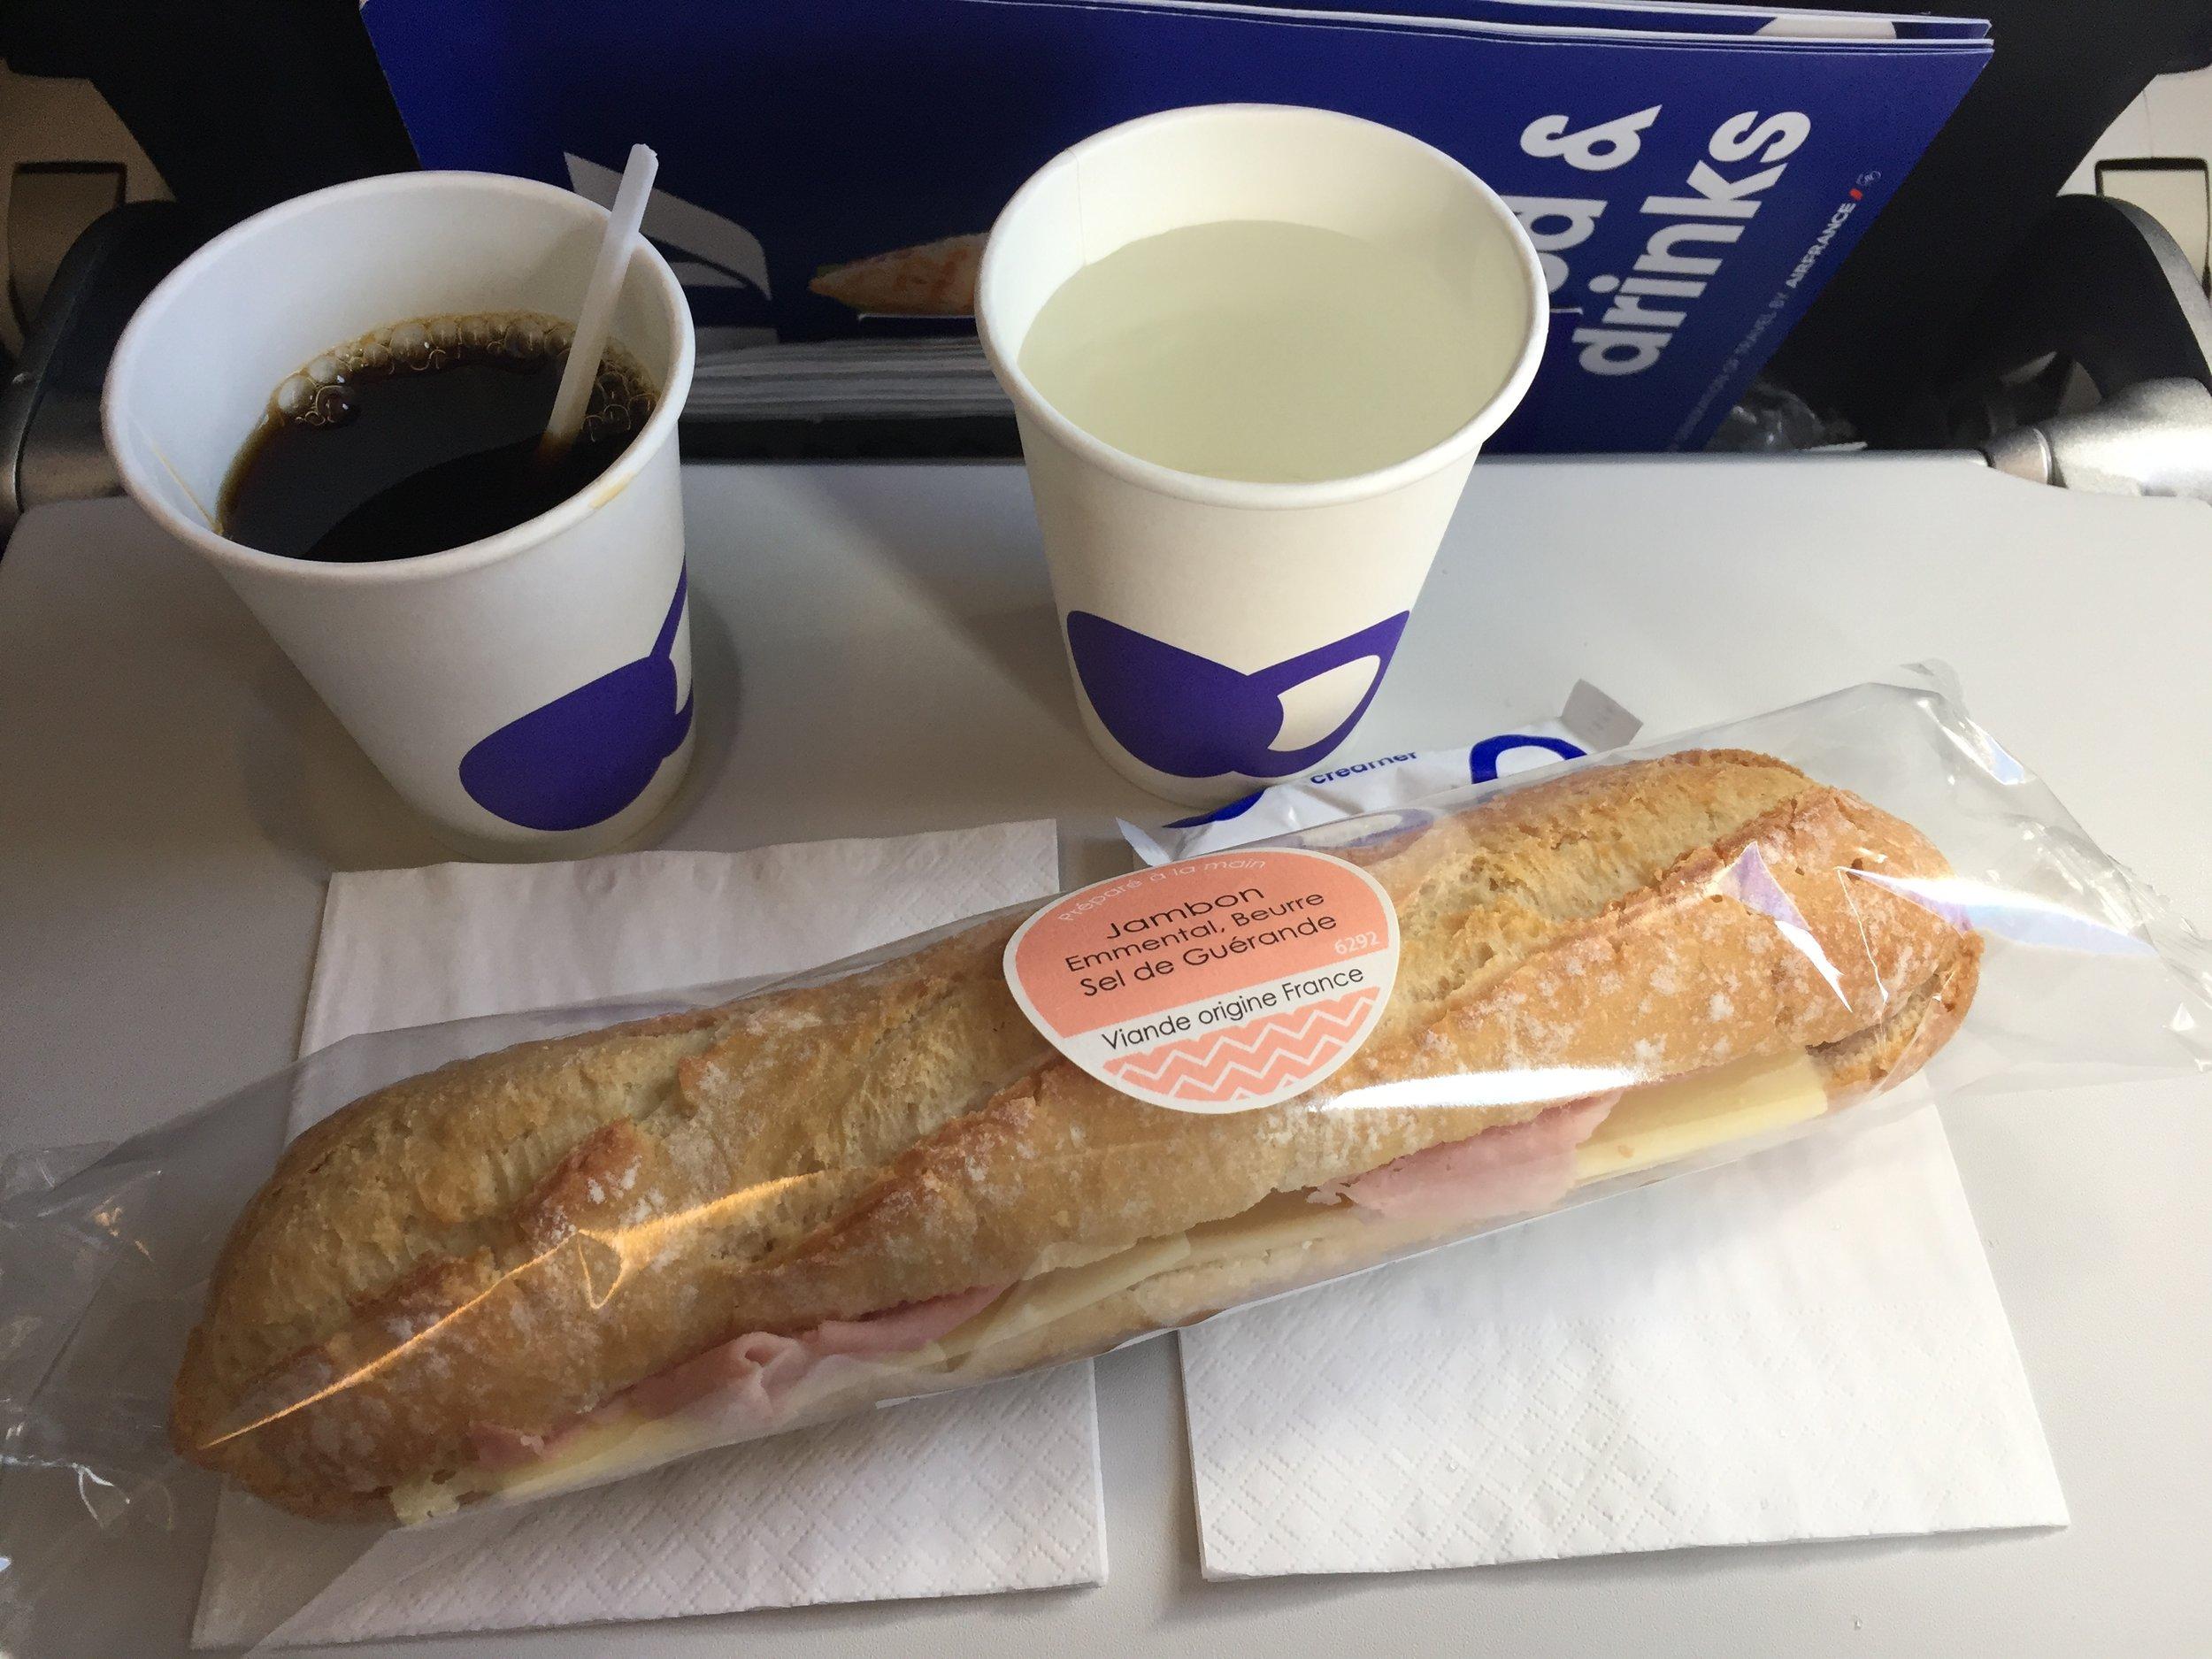 joon food onboard.JPG